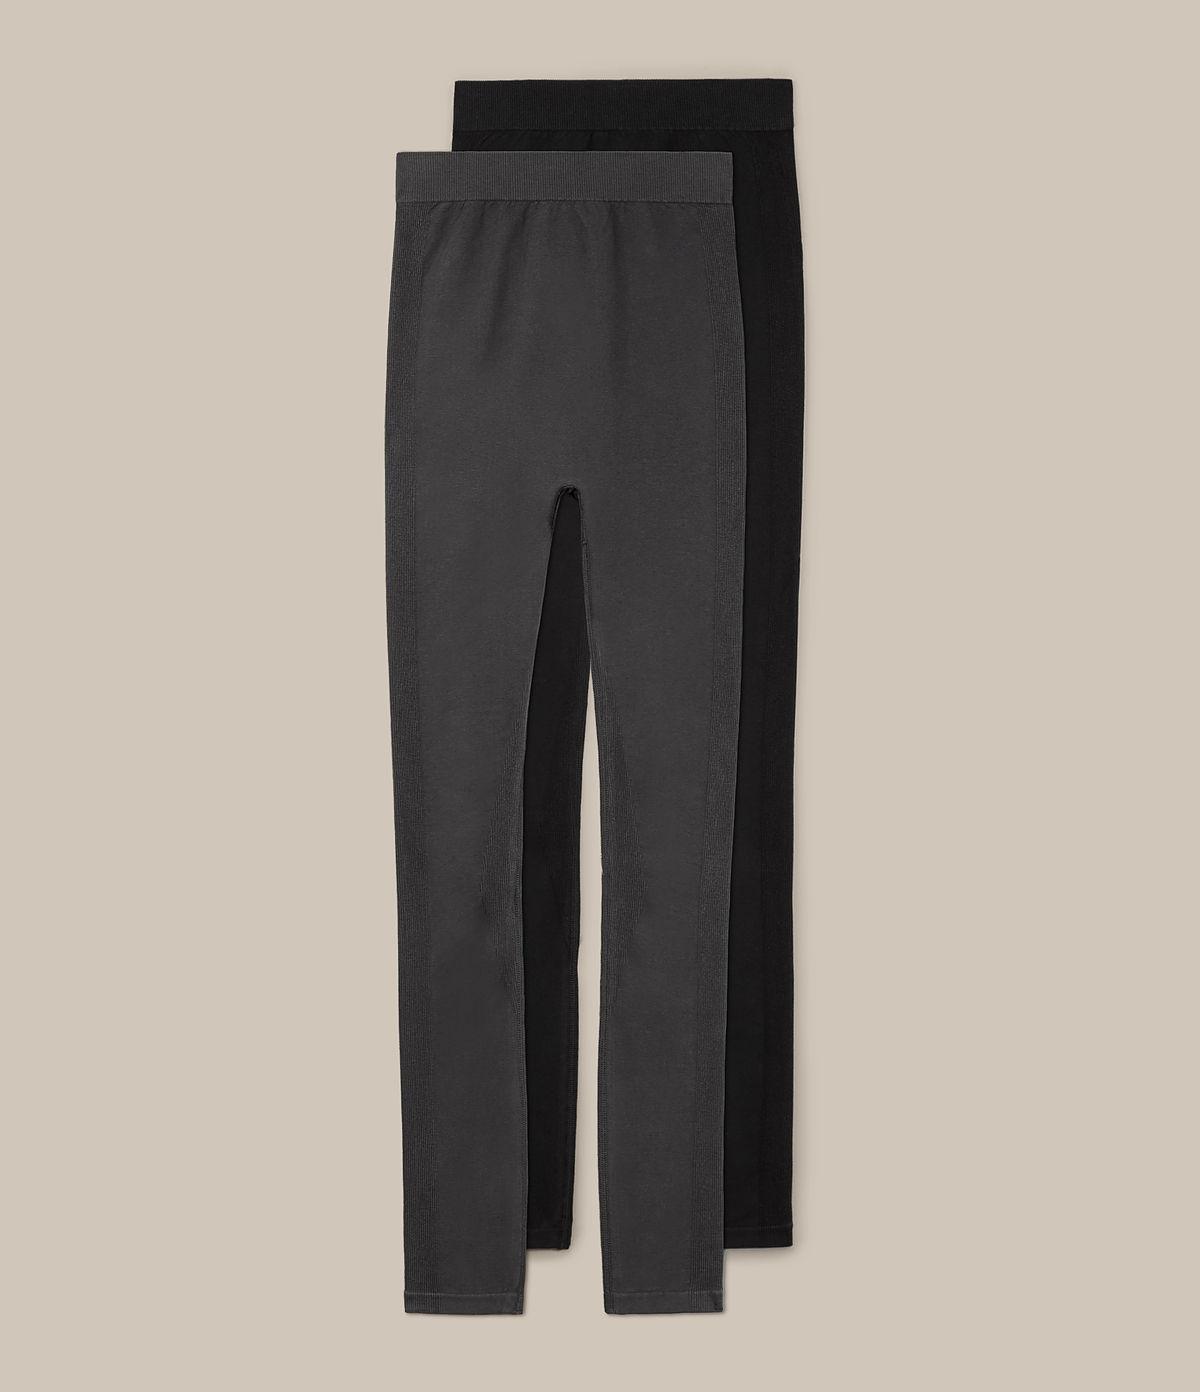 bri-leggings-2-pack